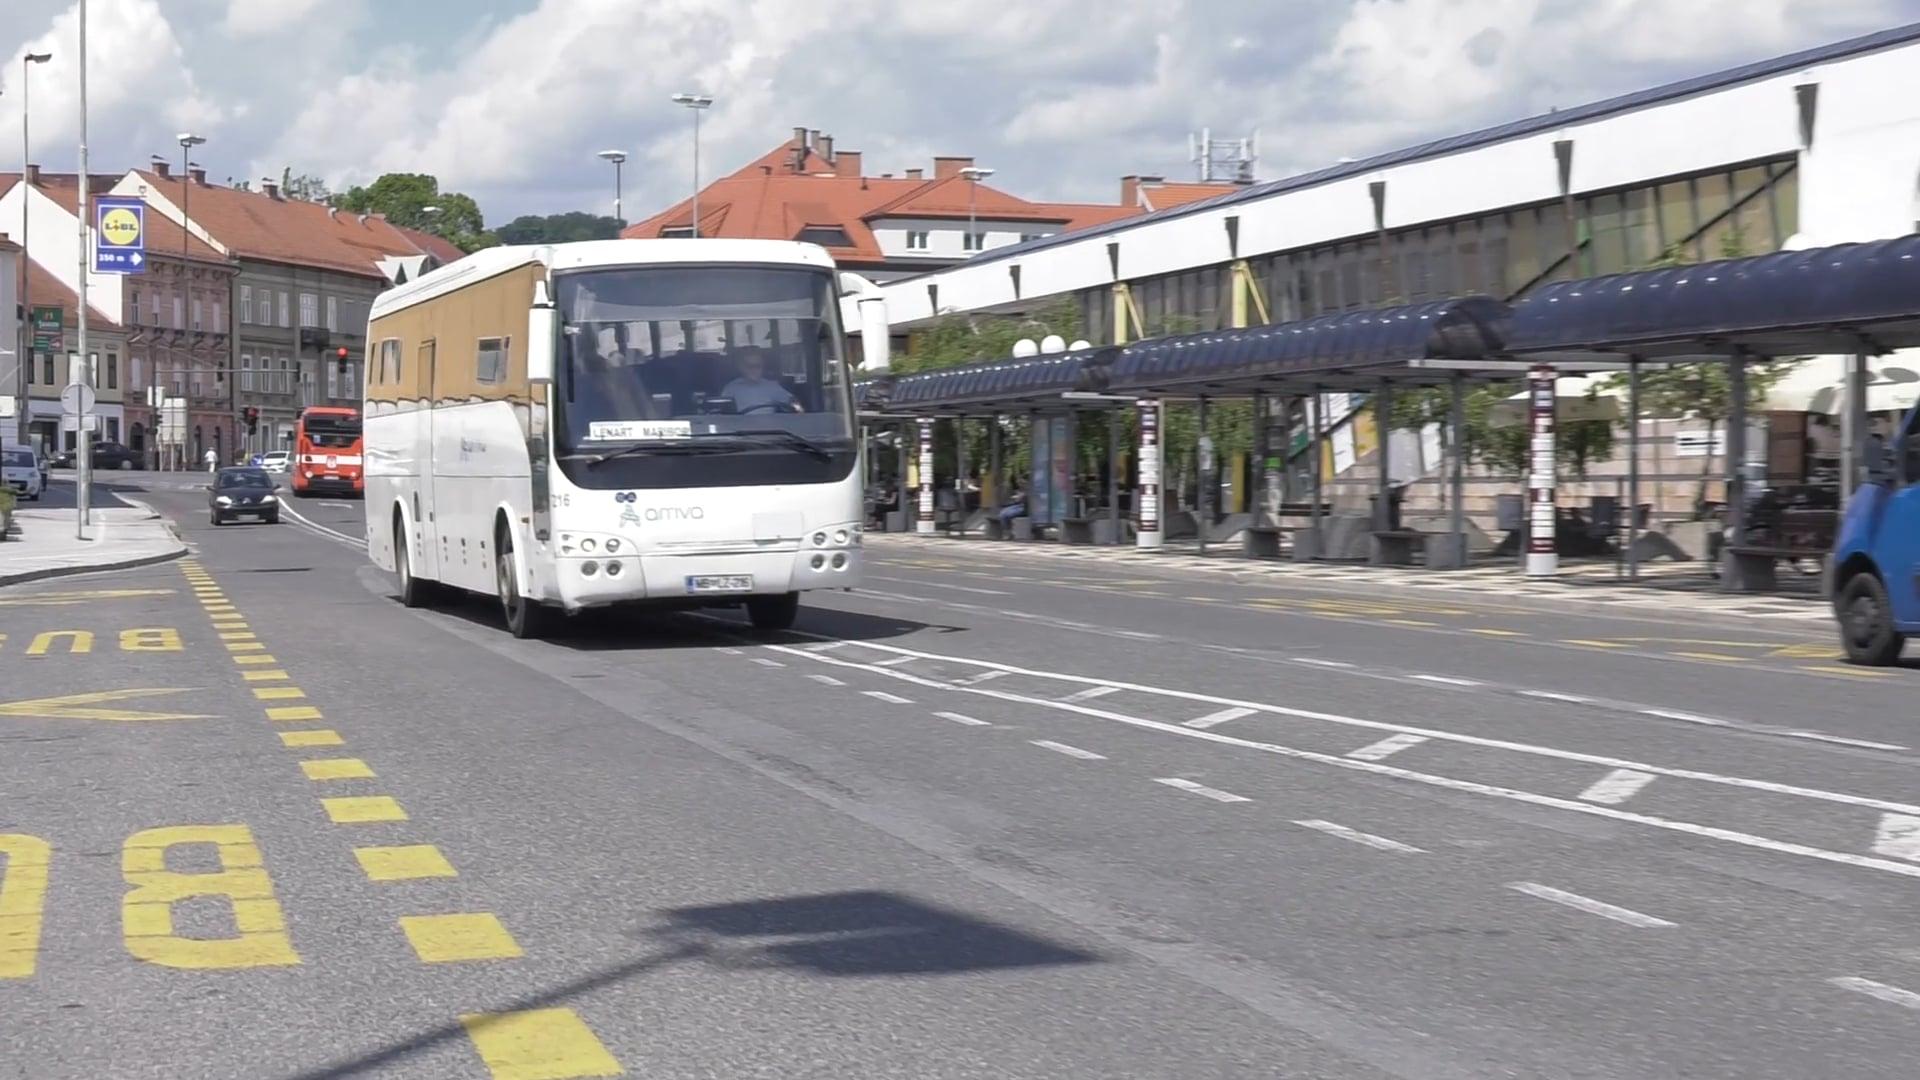 Brezplačno vozovnico za javni promet si v Sloveniji lasti vsak 16 prebivalec